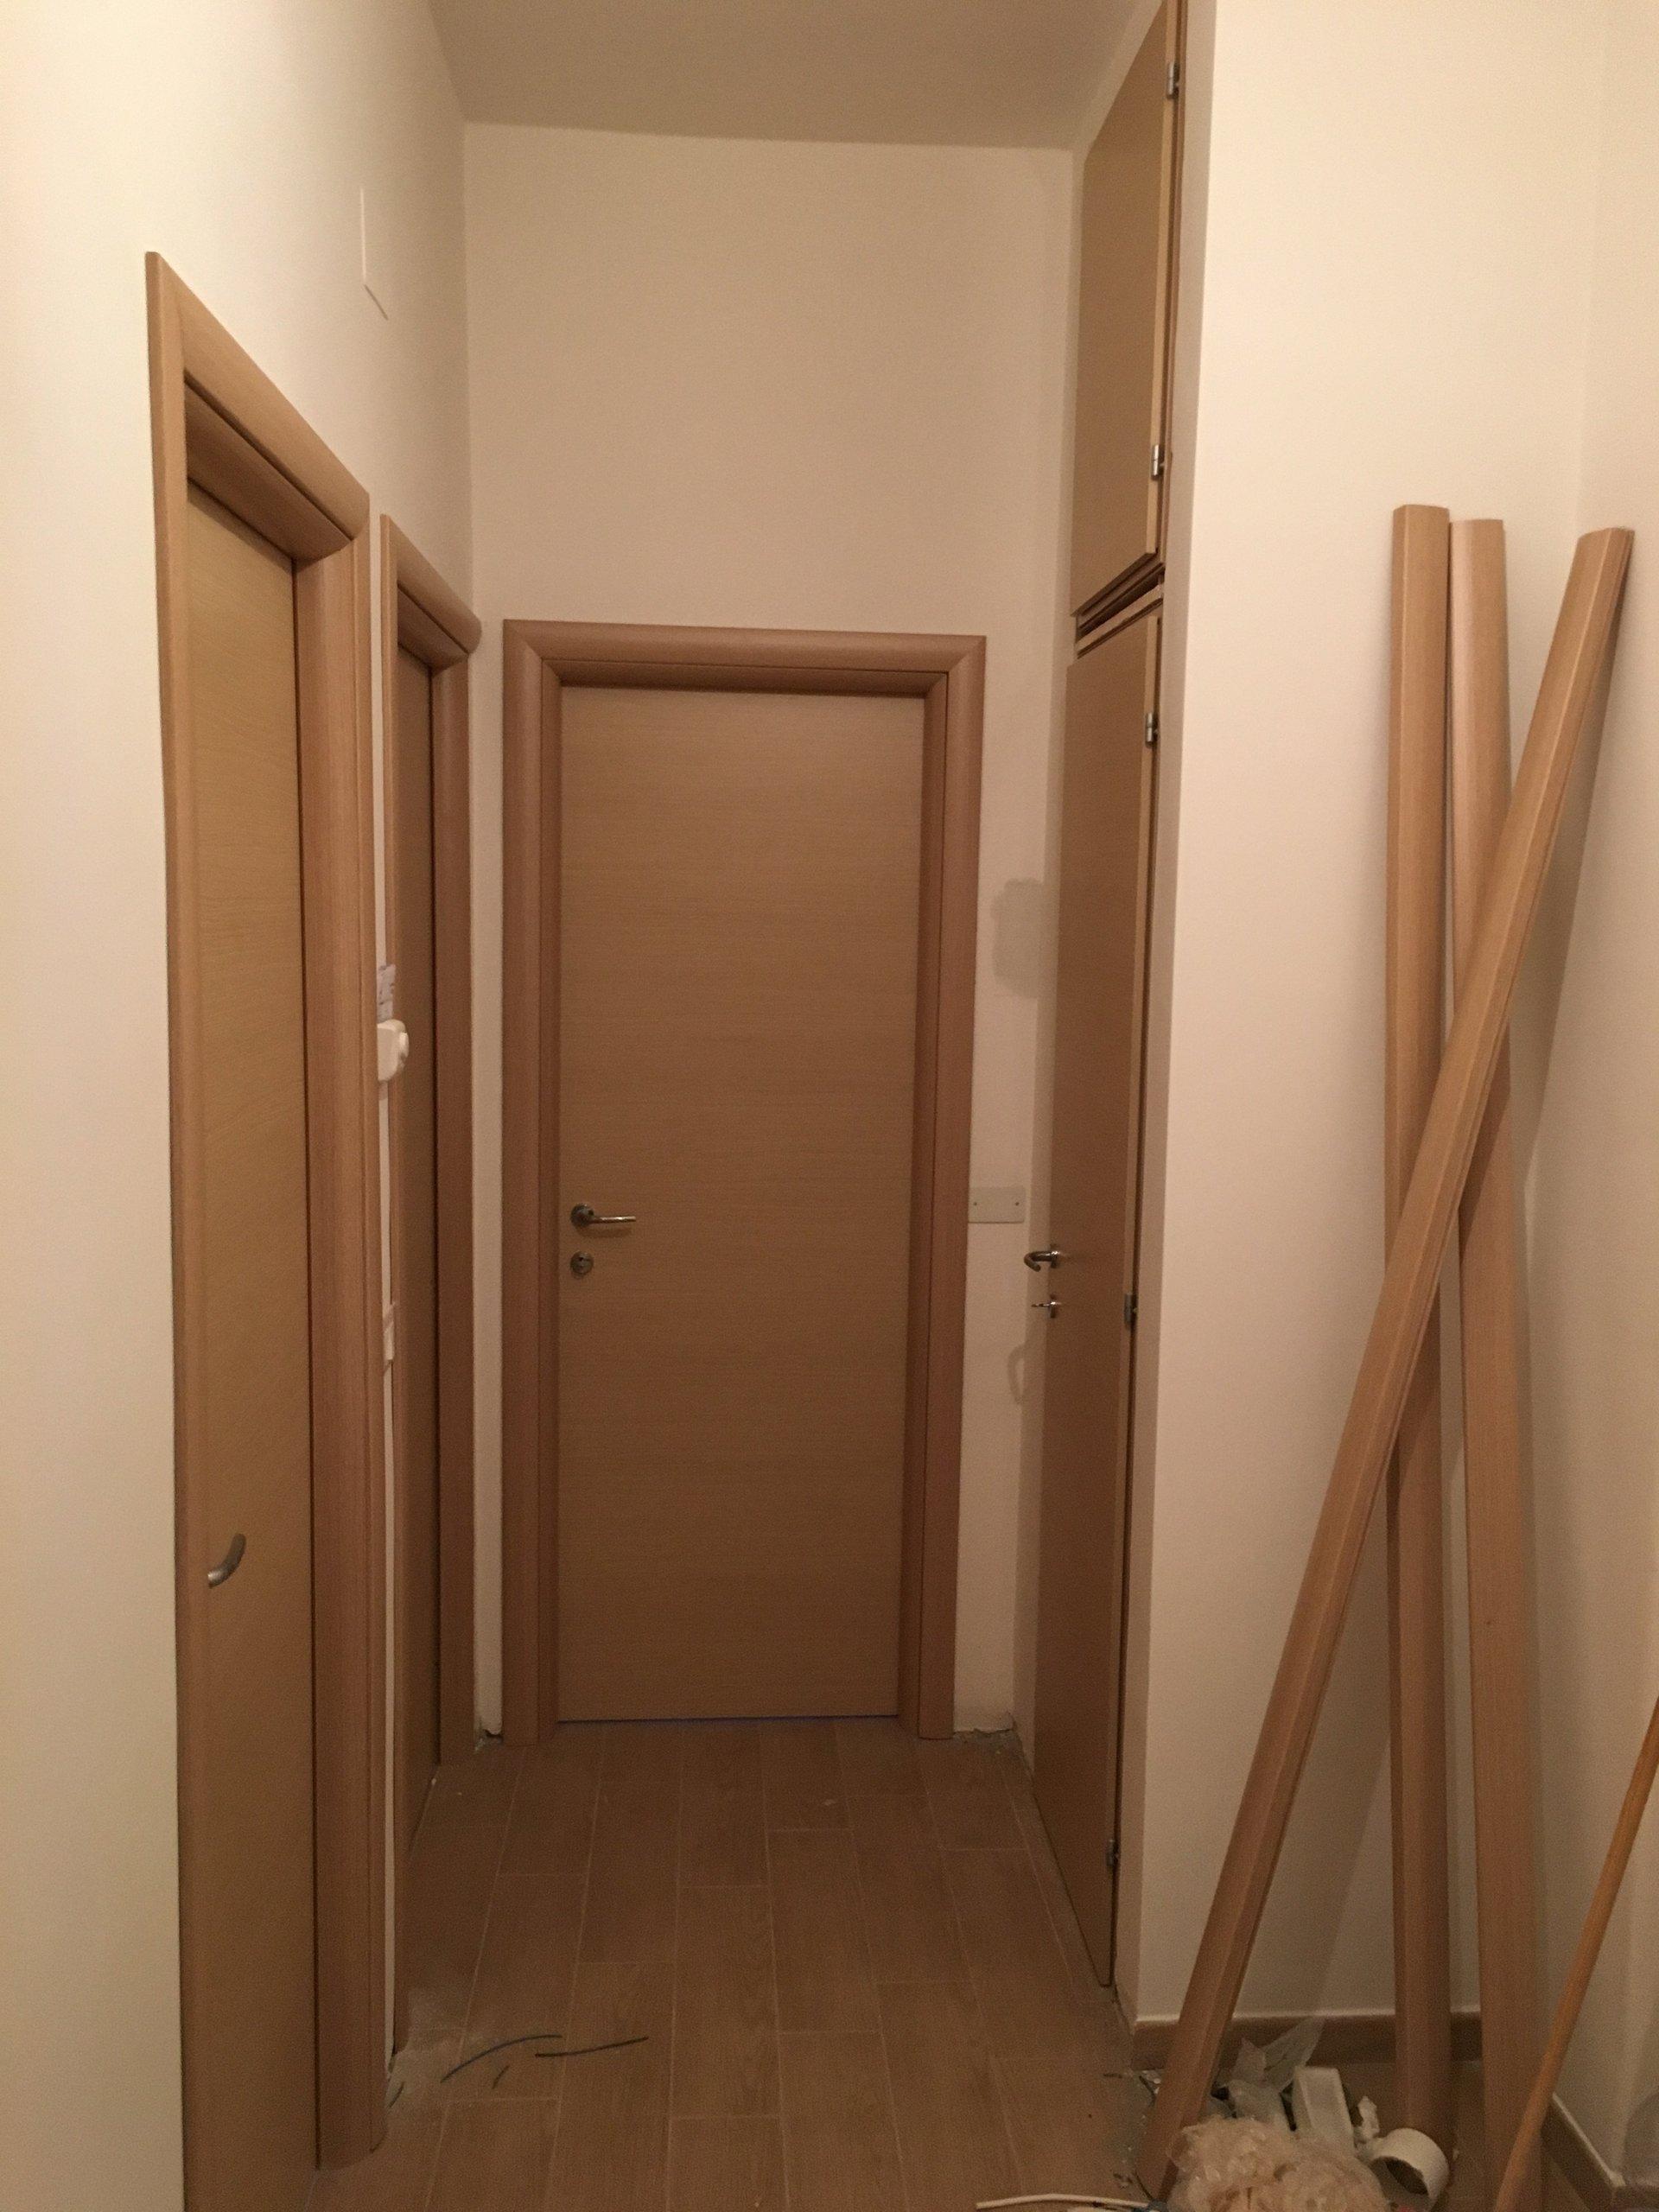 porte interne in legno chiaro